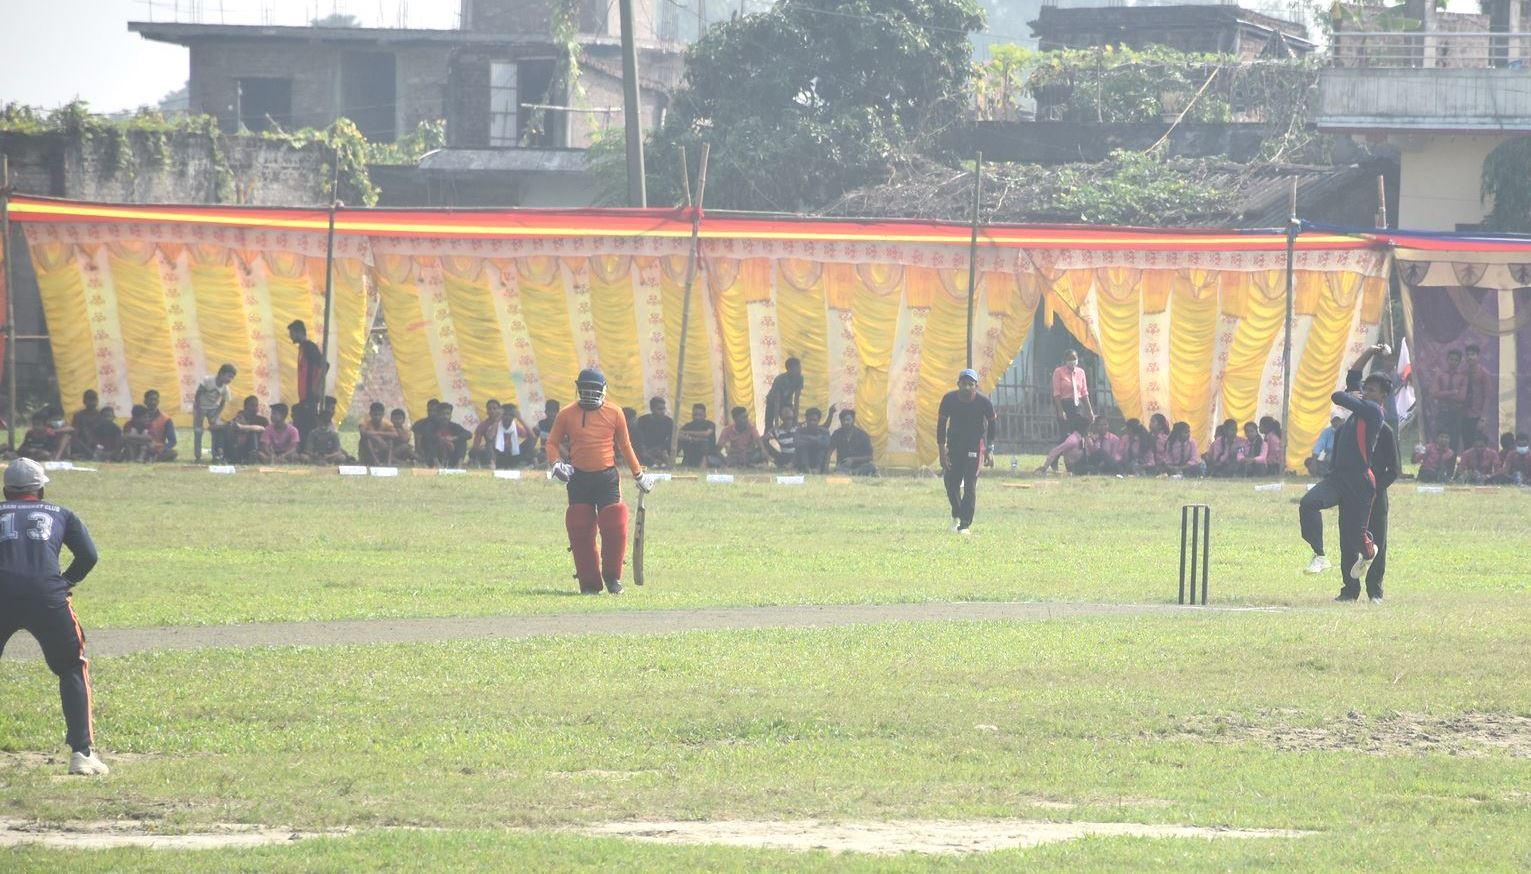 मिथिला कप टी–ट्वाइन्टी क्रिकेट प्रतियोगीताको पहिलो खेलमा लहान विजय